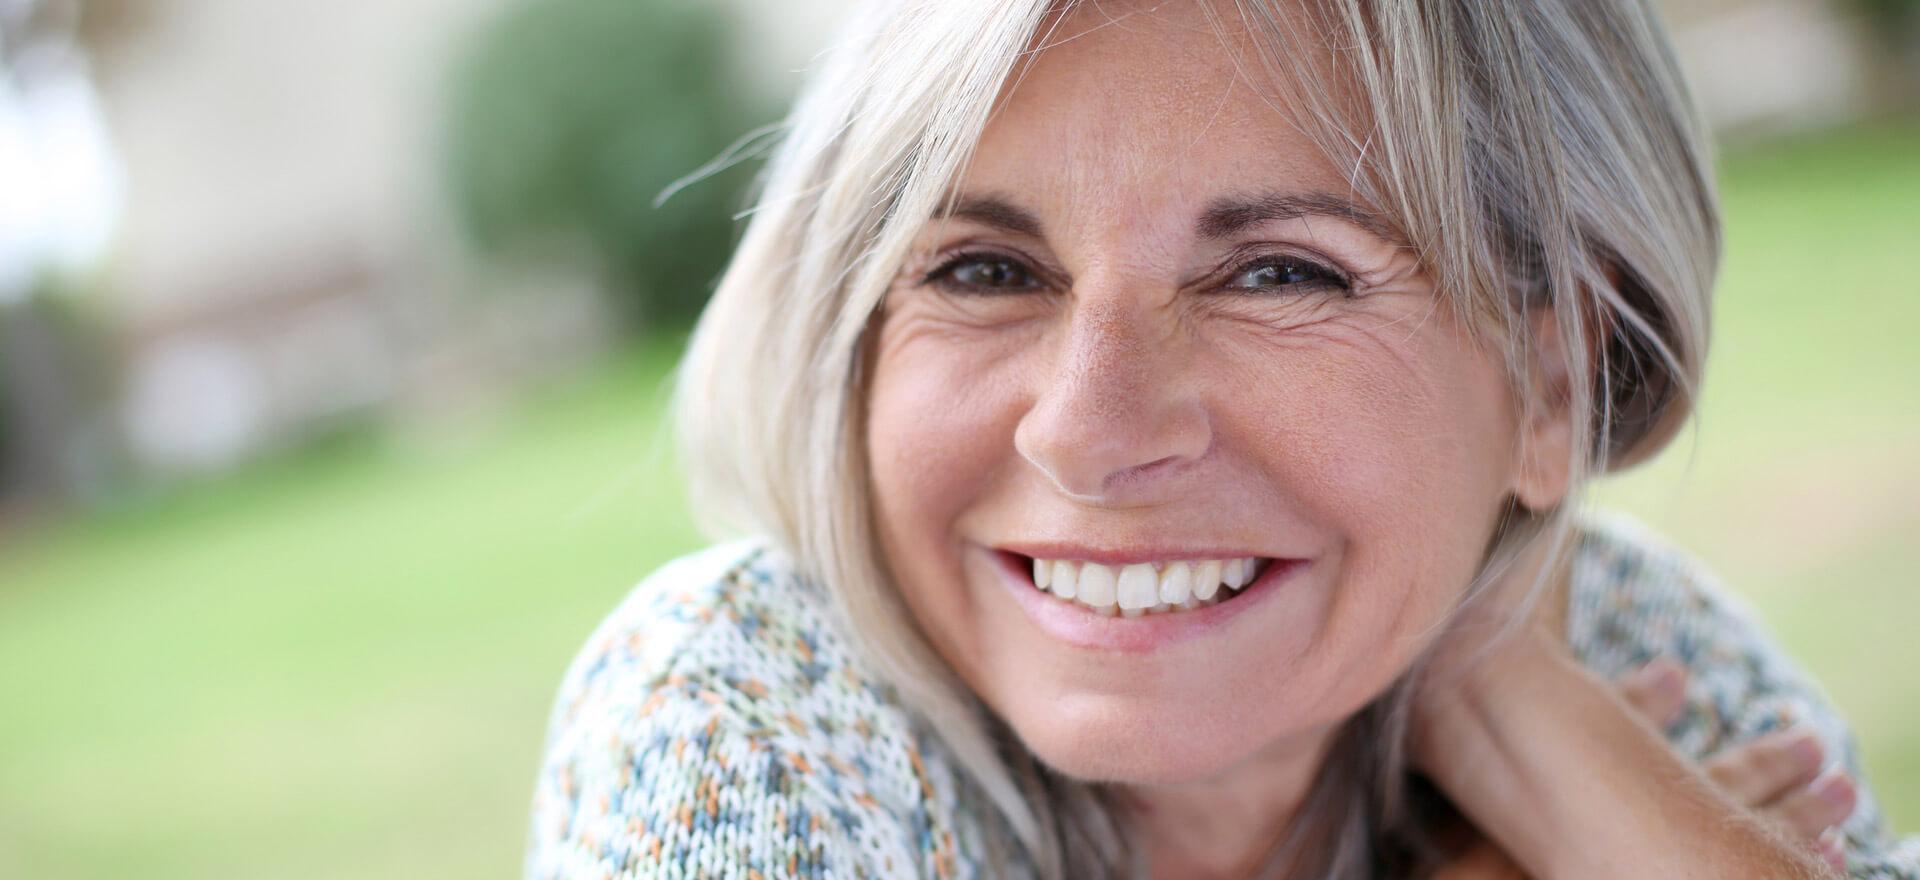 Reife Frau lächelt nach der Faltenbehandlung in Berlin wieder jung und schön.